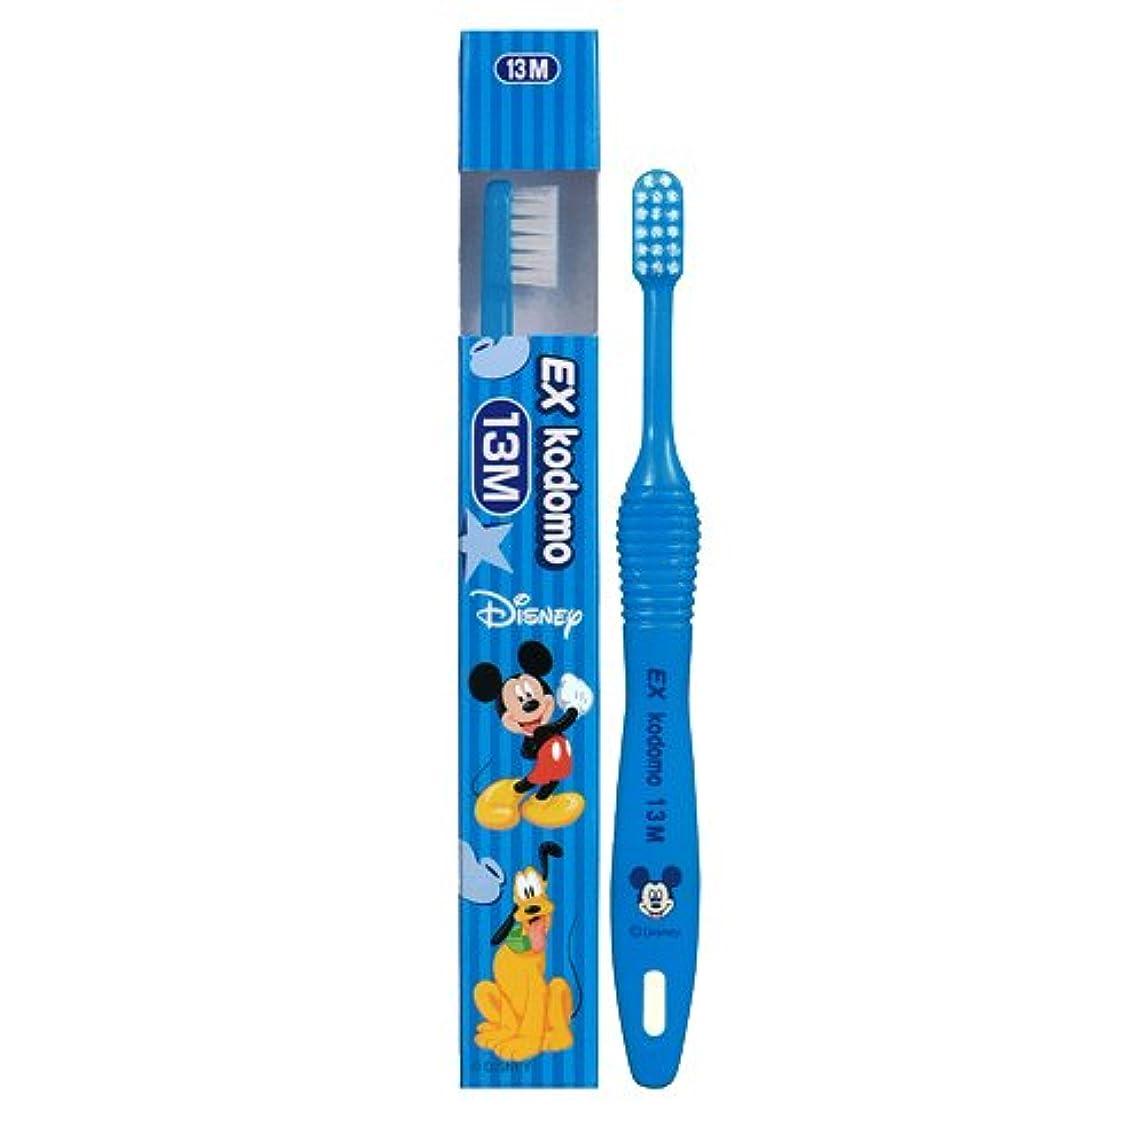 保持願う抽選EX kodomo ディズニー 歯ブラシ 13(乳幼児用?0~6歳)M 4本入り